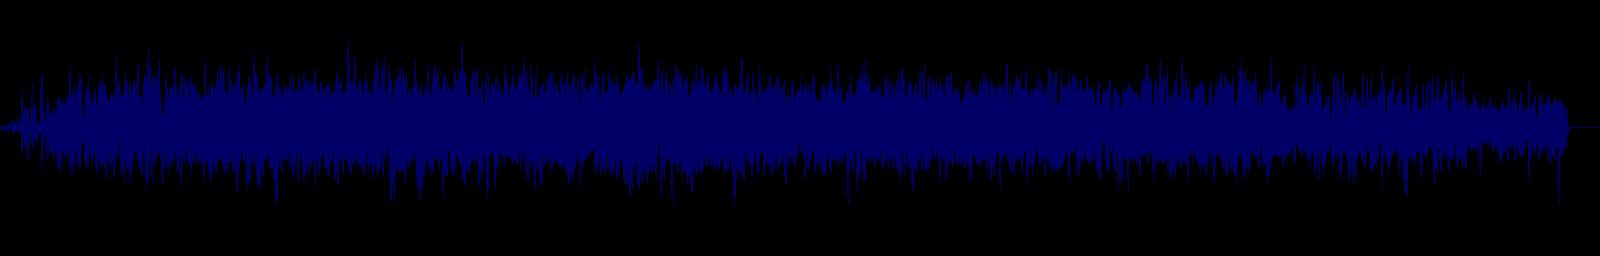 waveform of track #153812